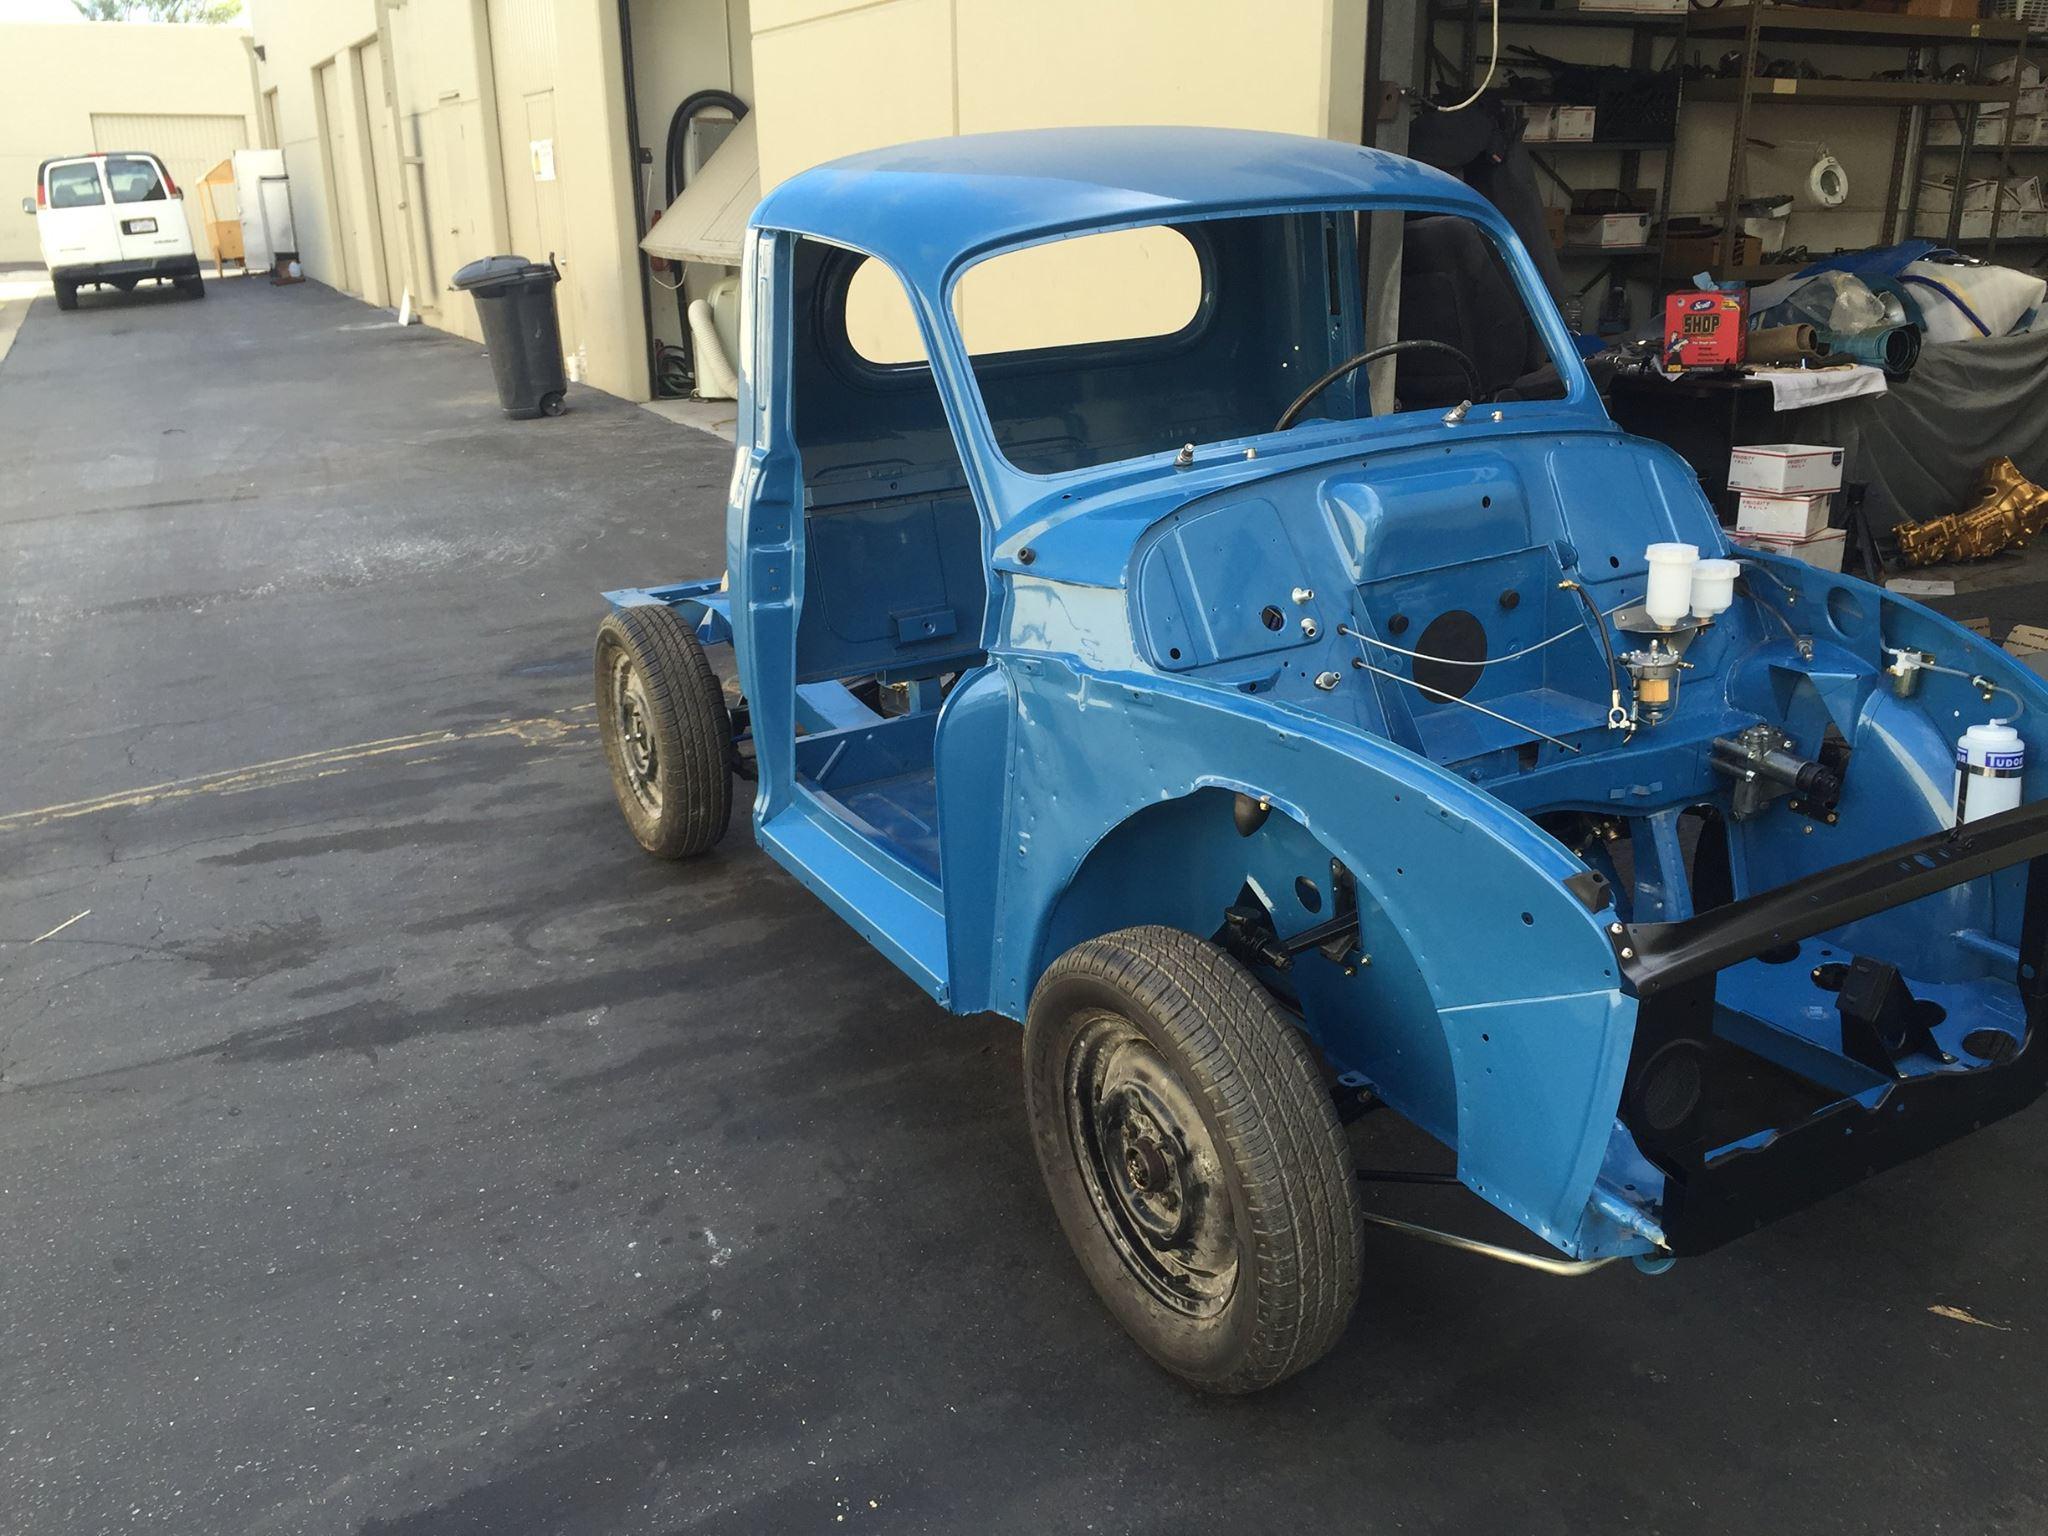 """Meet """"Rip Van Winkle"""": The Morris Minor Pickup Now Being Restored at ..."""